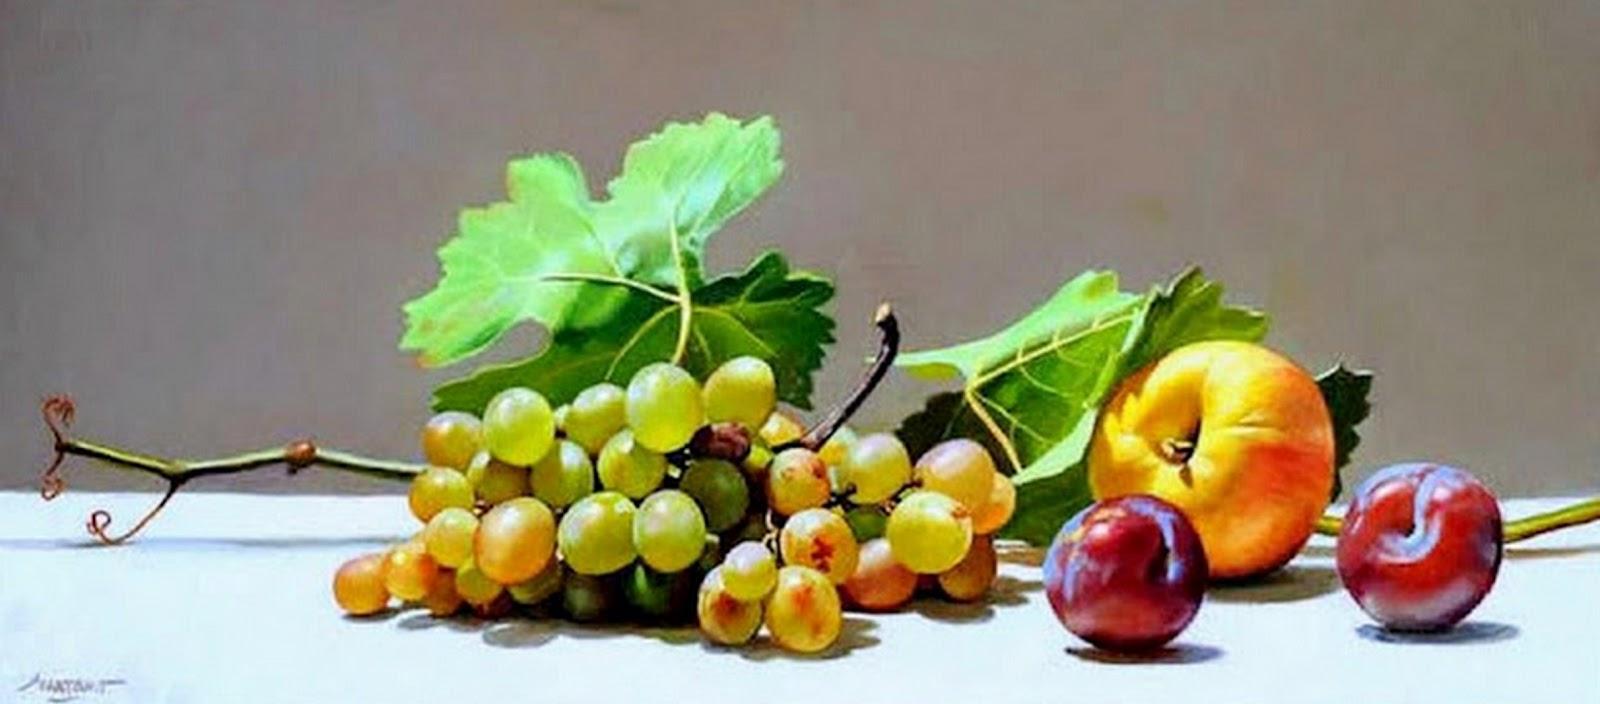 Cuadros pinturas oleos bodegones con frutas y flores - Fotos de bodegones de frutas ...